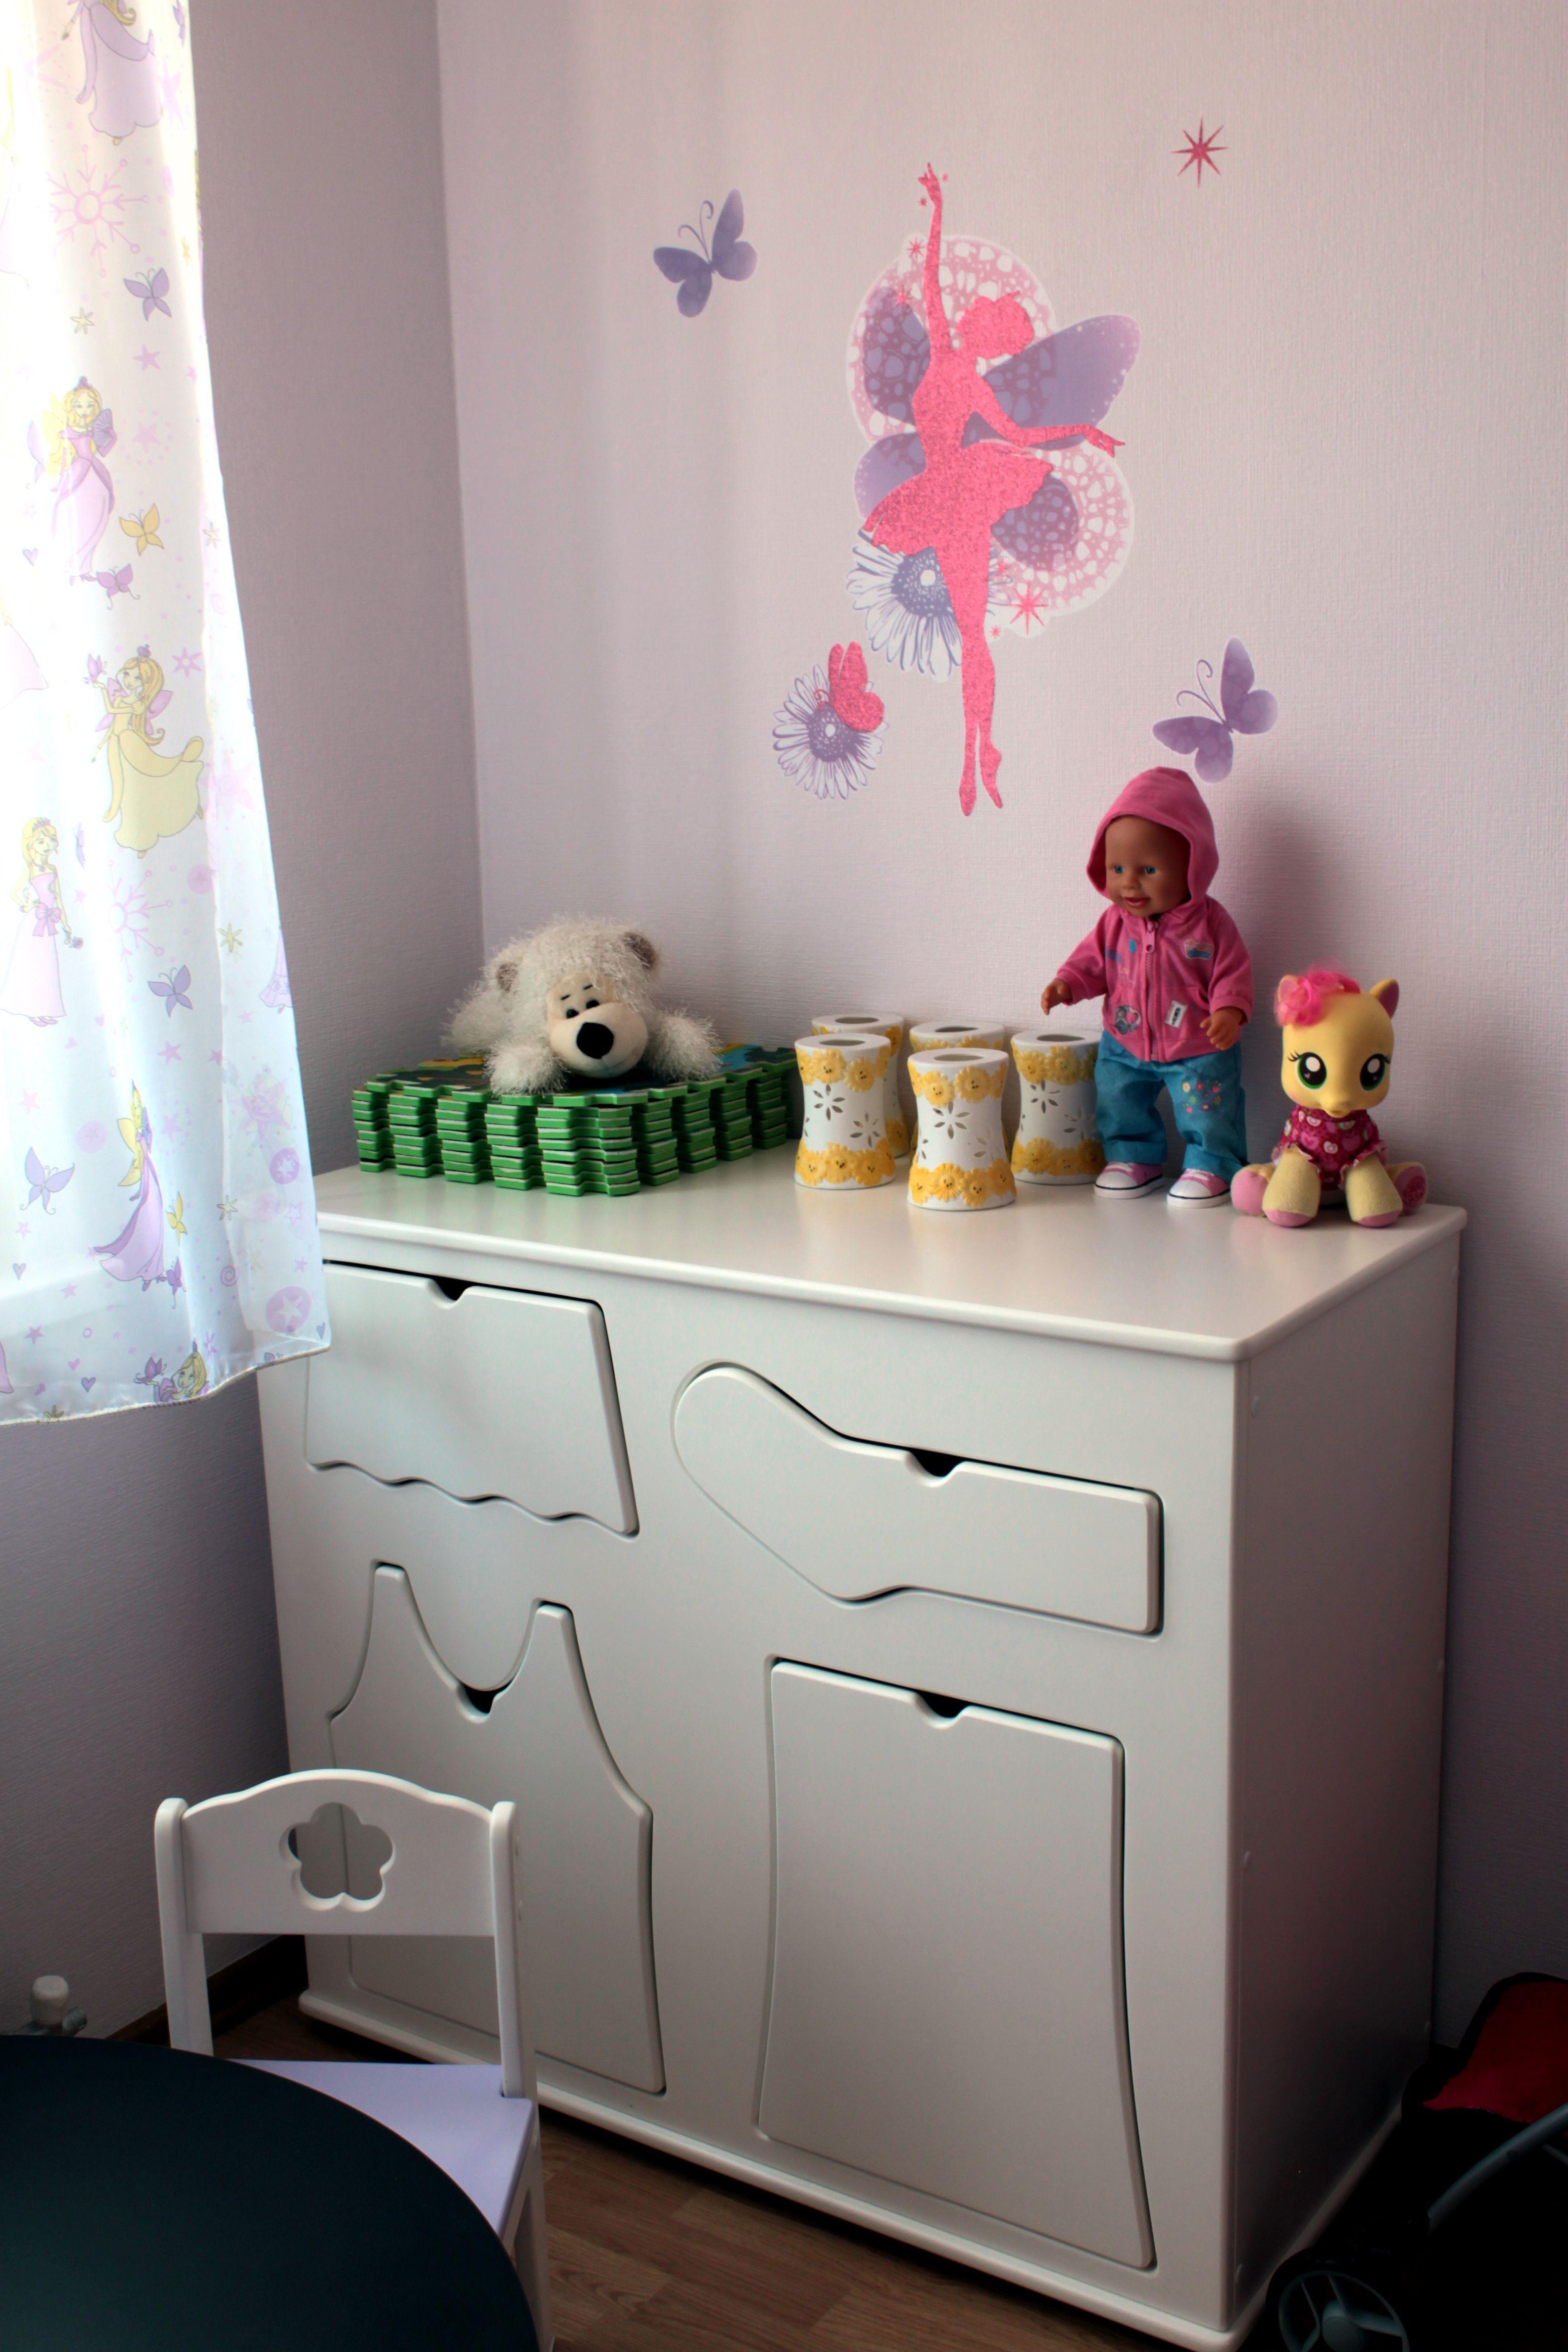 детская мебель интерьер комод порядок